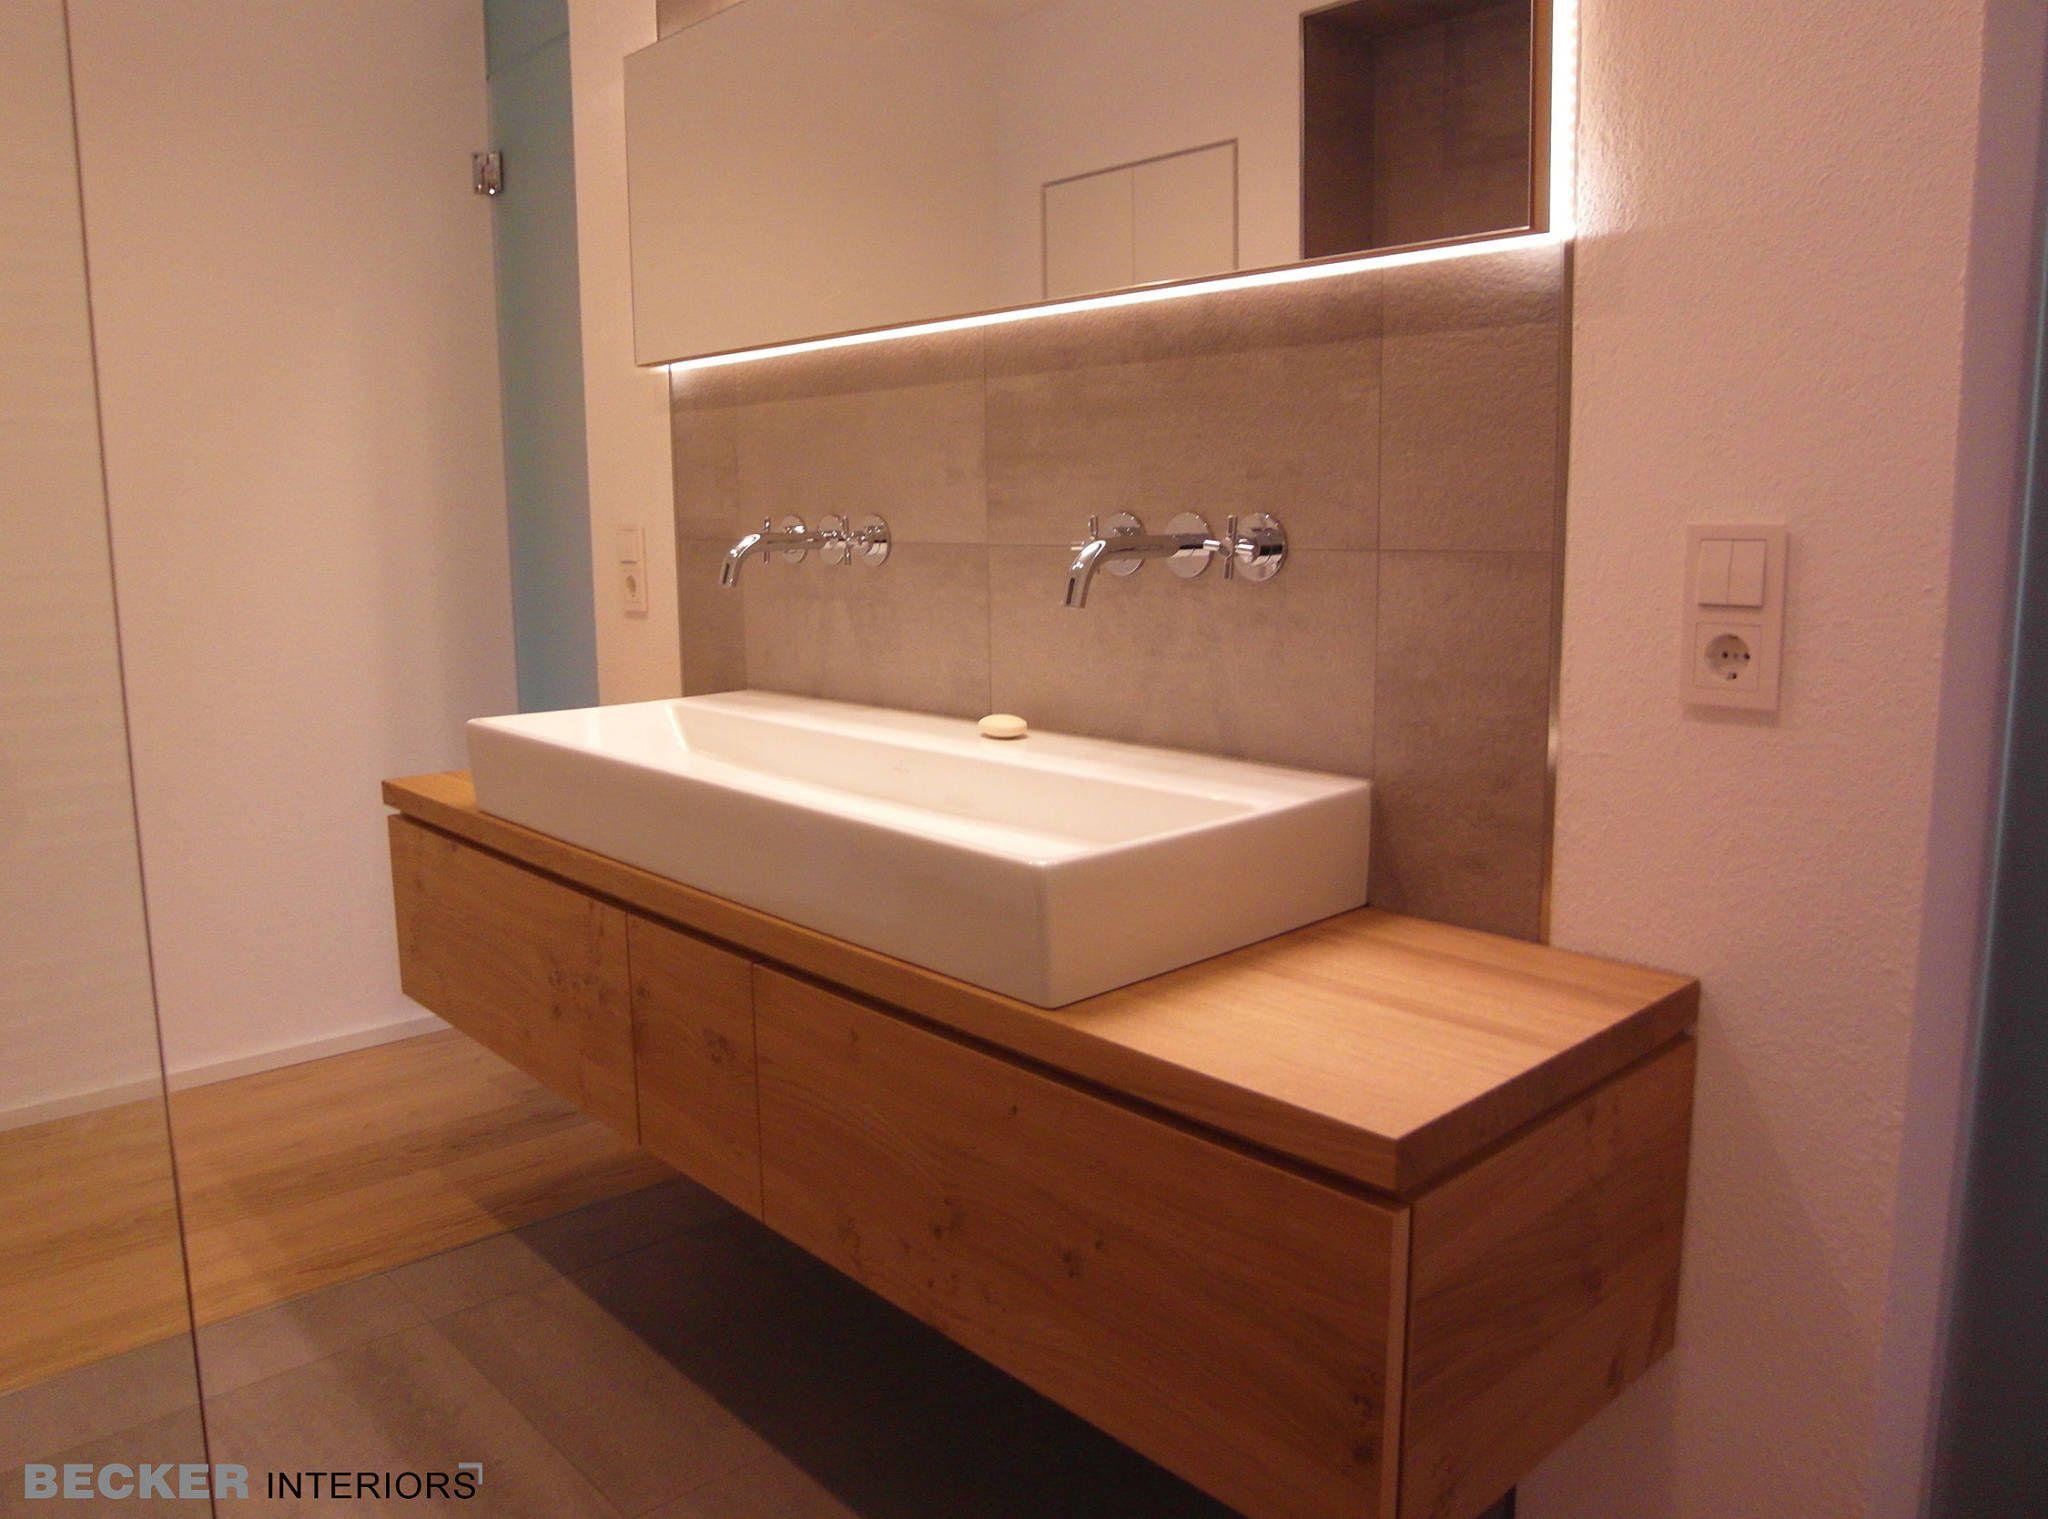 Badezimmer / Waschtisch: Badezimmer Von Becker Interiors